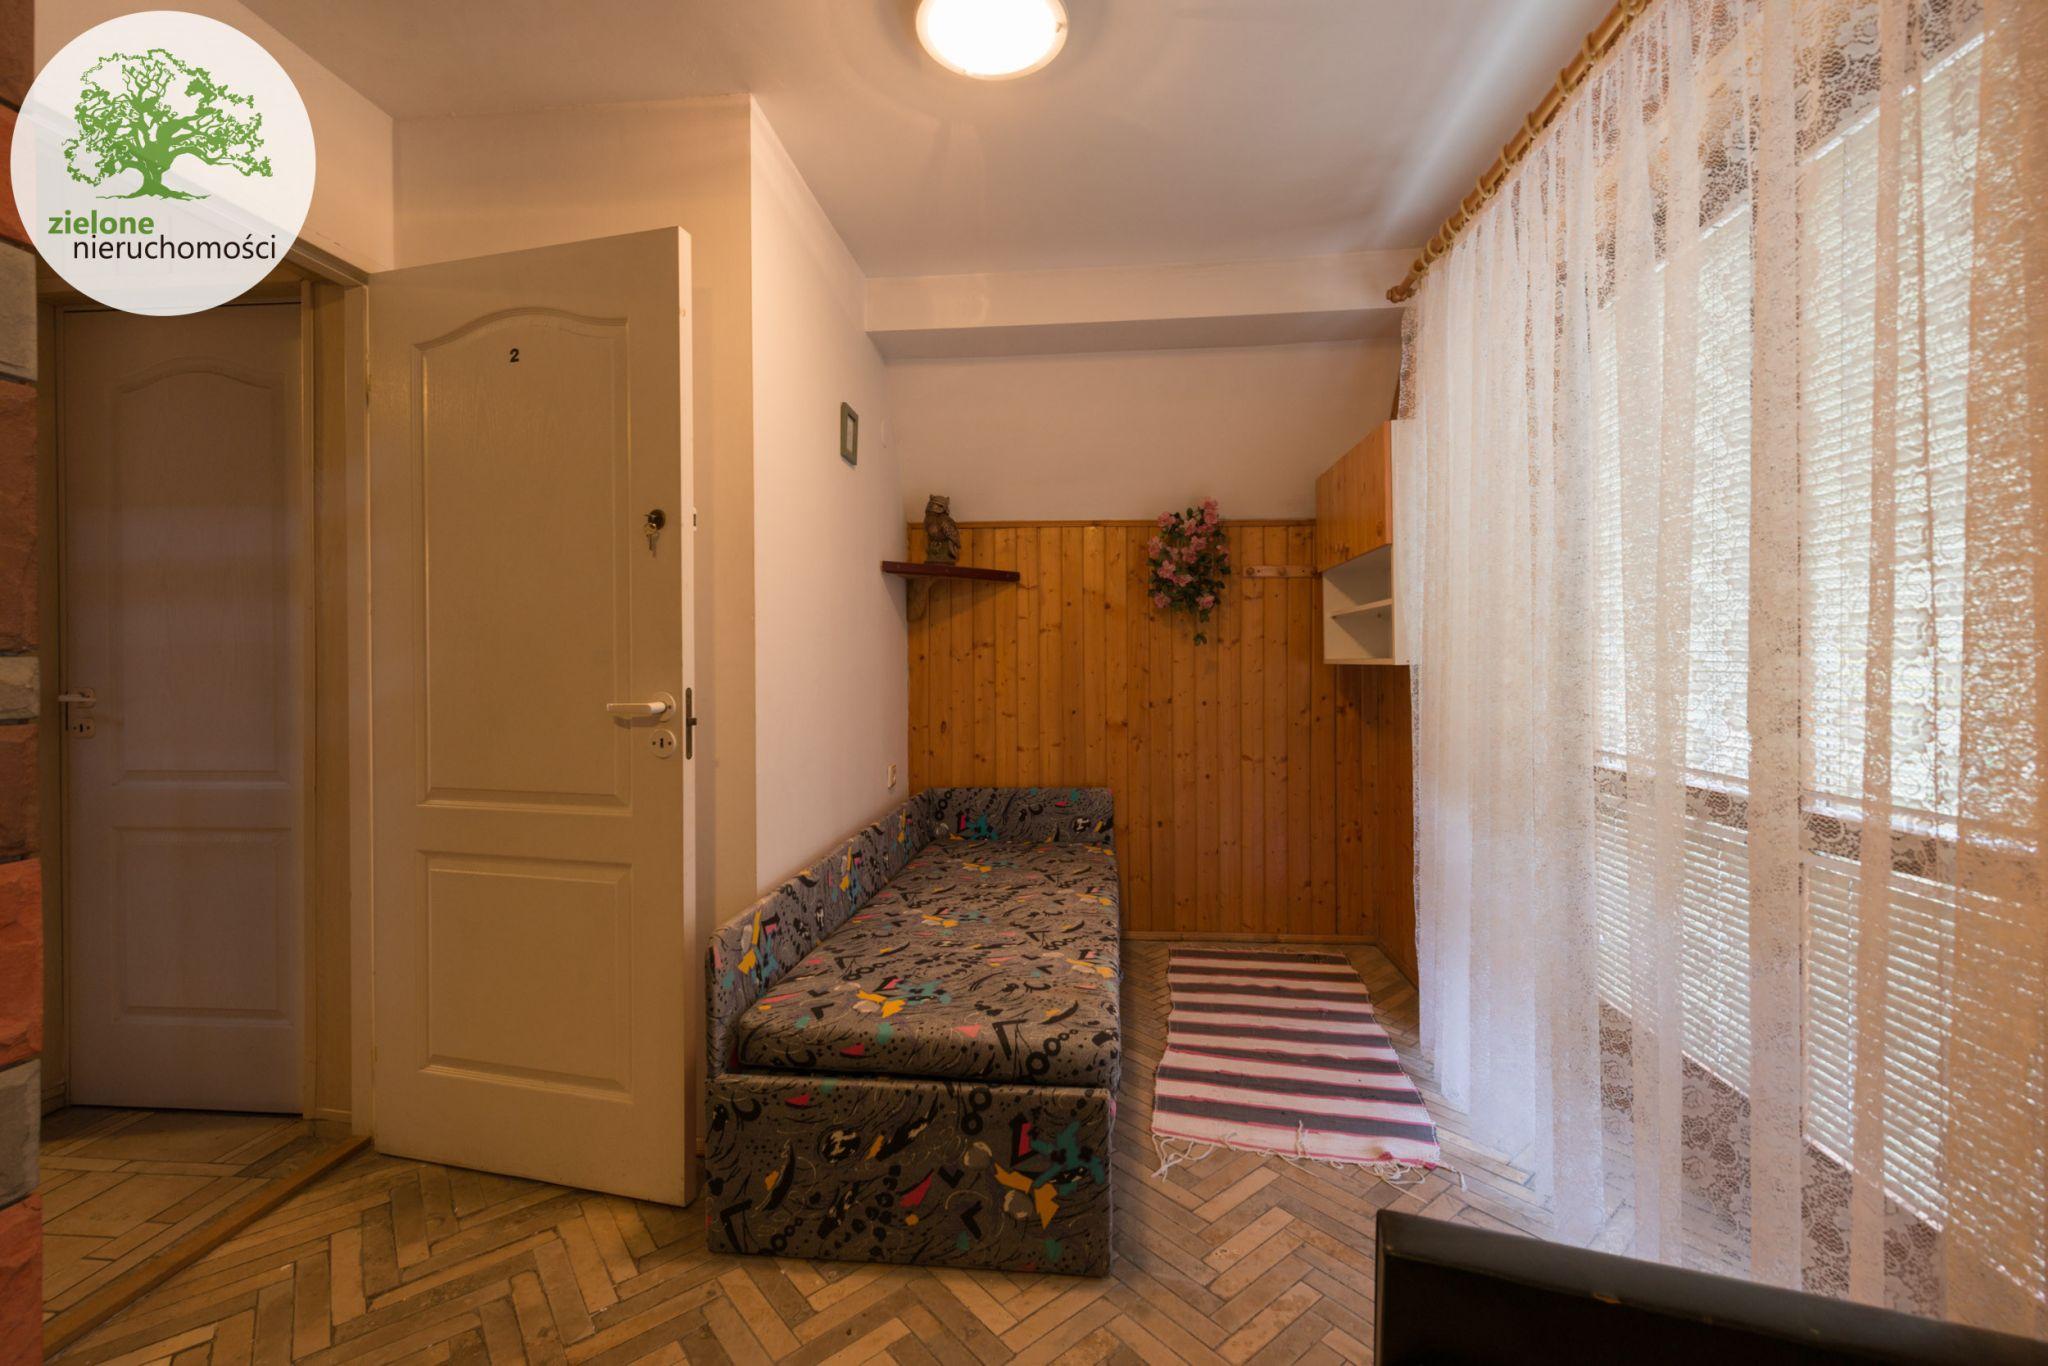 Zdjęcie 11Dom, pensjonat w Szczyrku